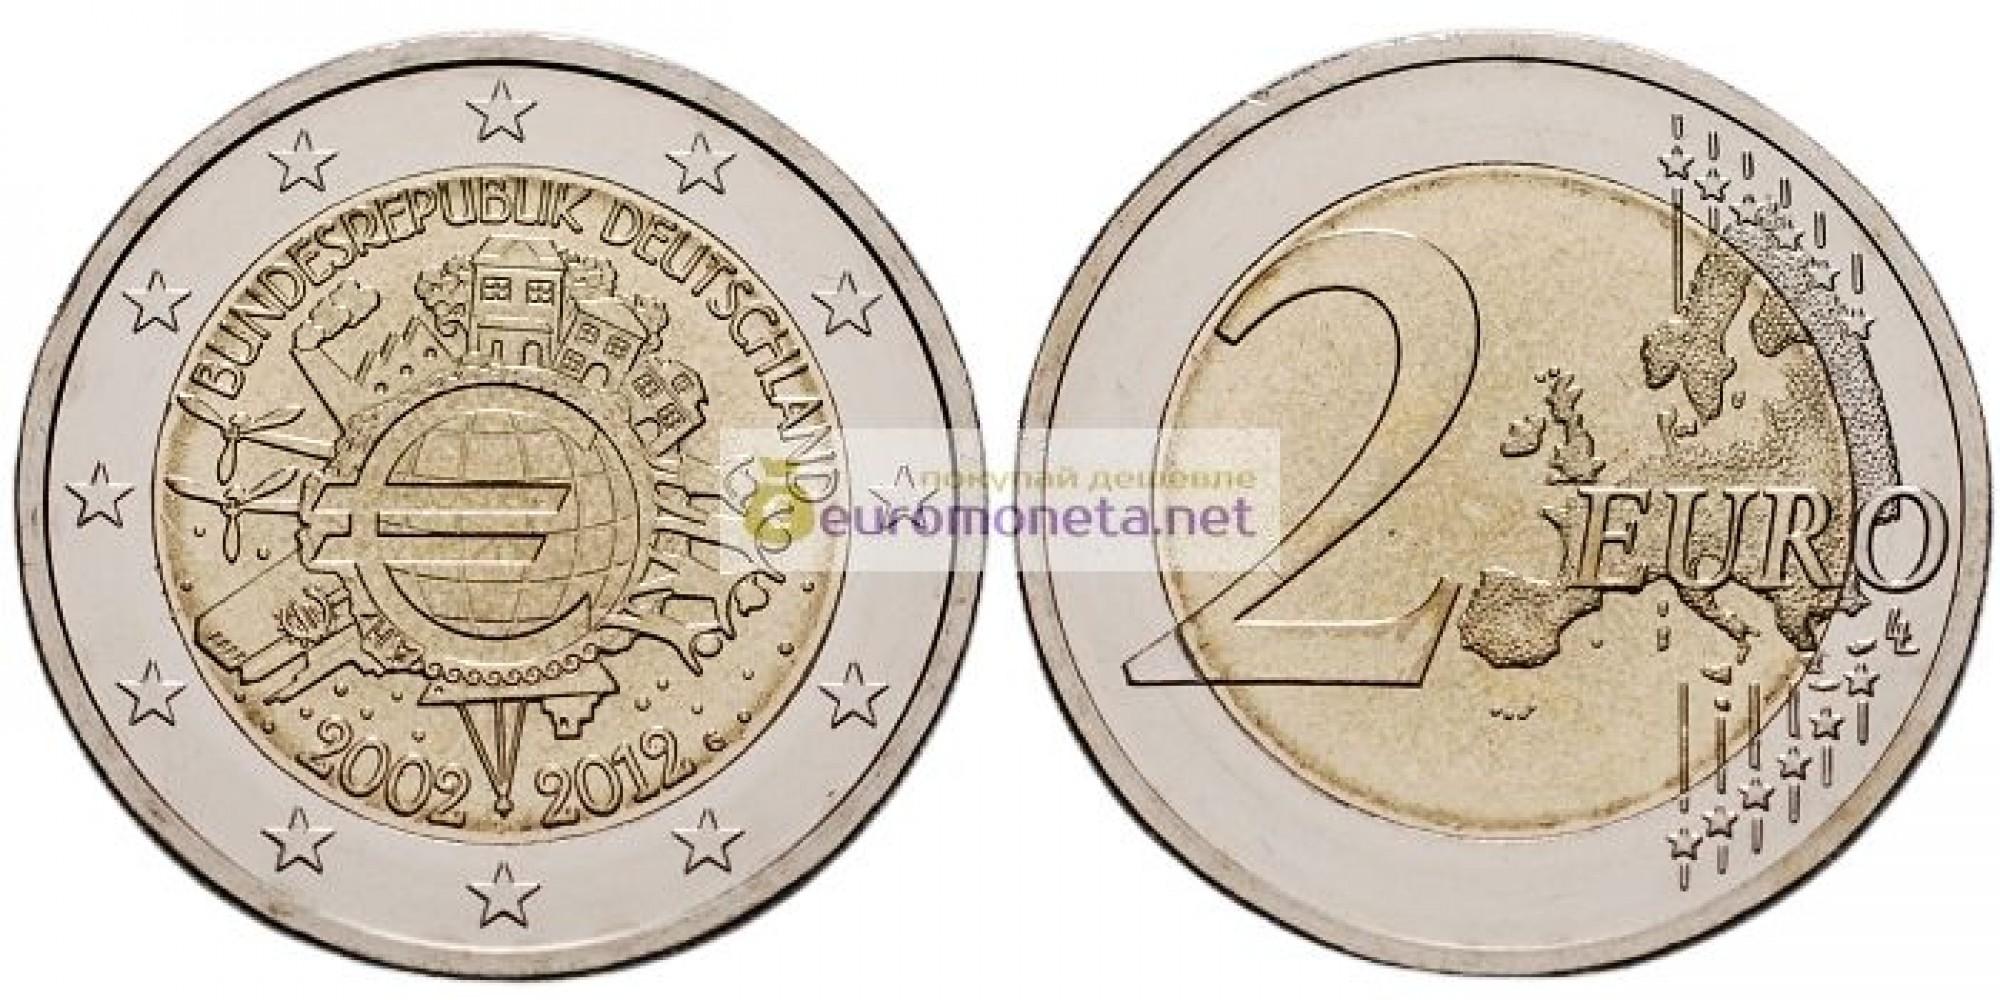 Германия 2 евро 2012 D 10 лет наличному обращению евро, АЦ из банковского ролла, биметалл